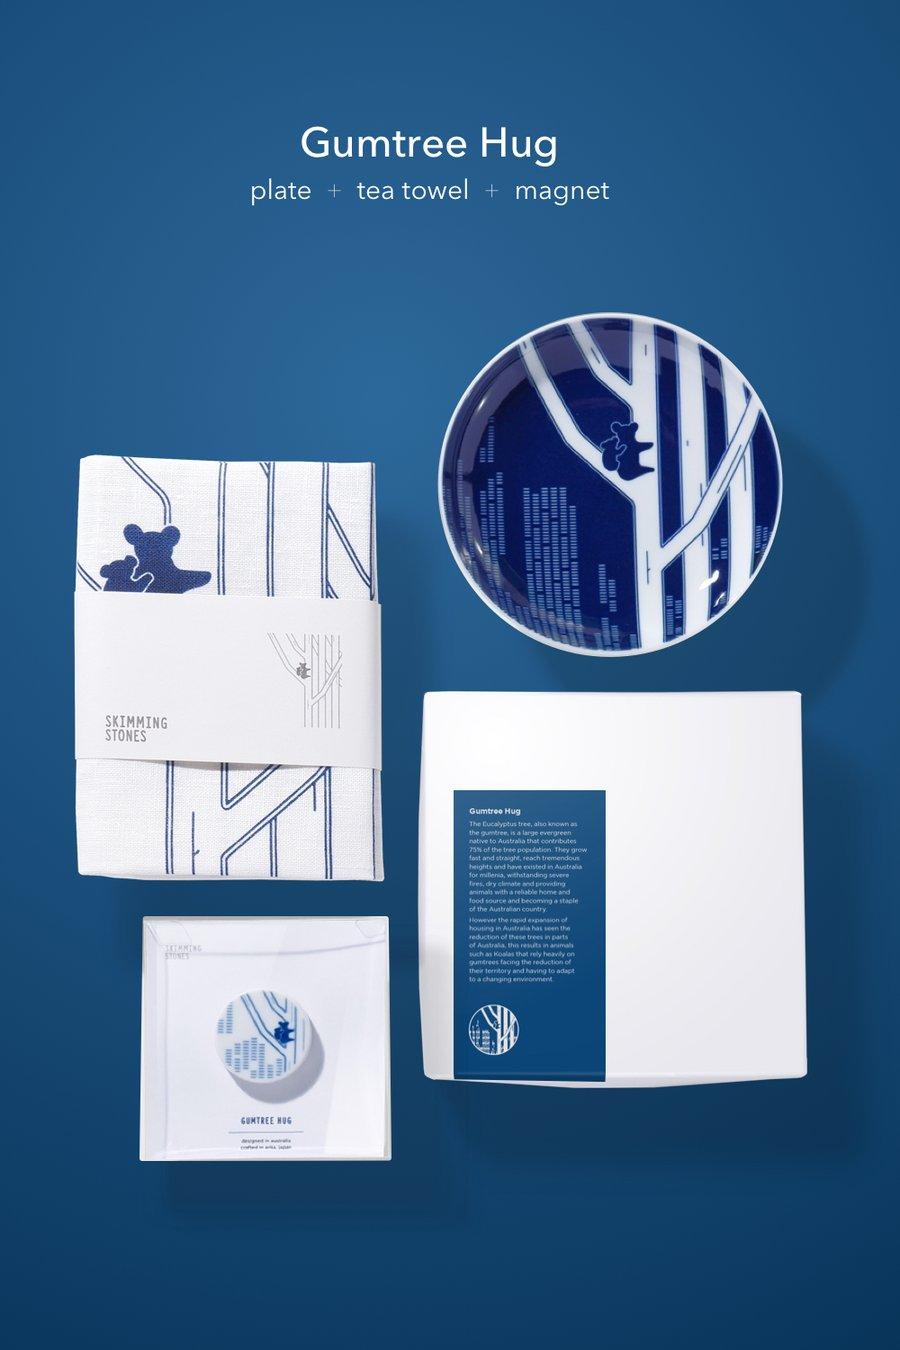 Image of Gumtree Hug gift set 1